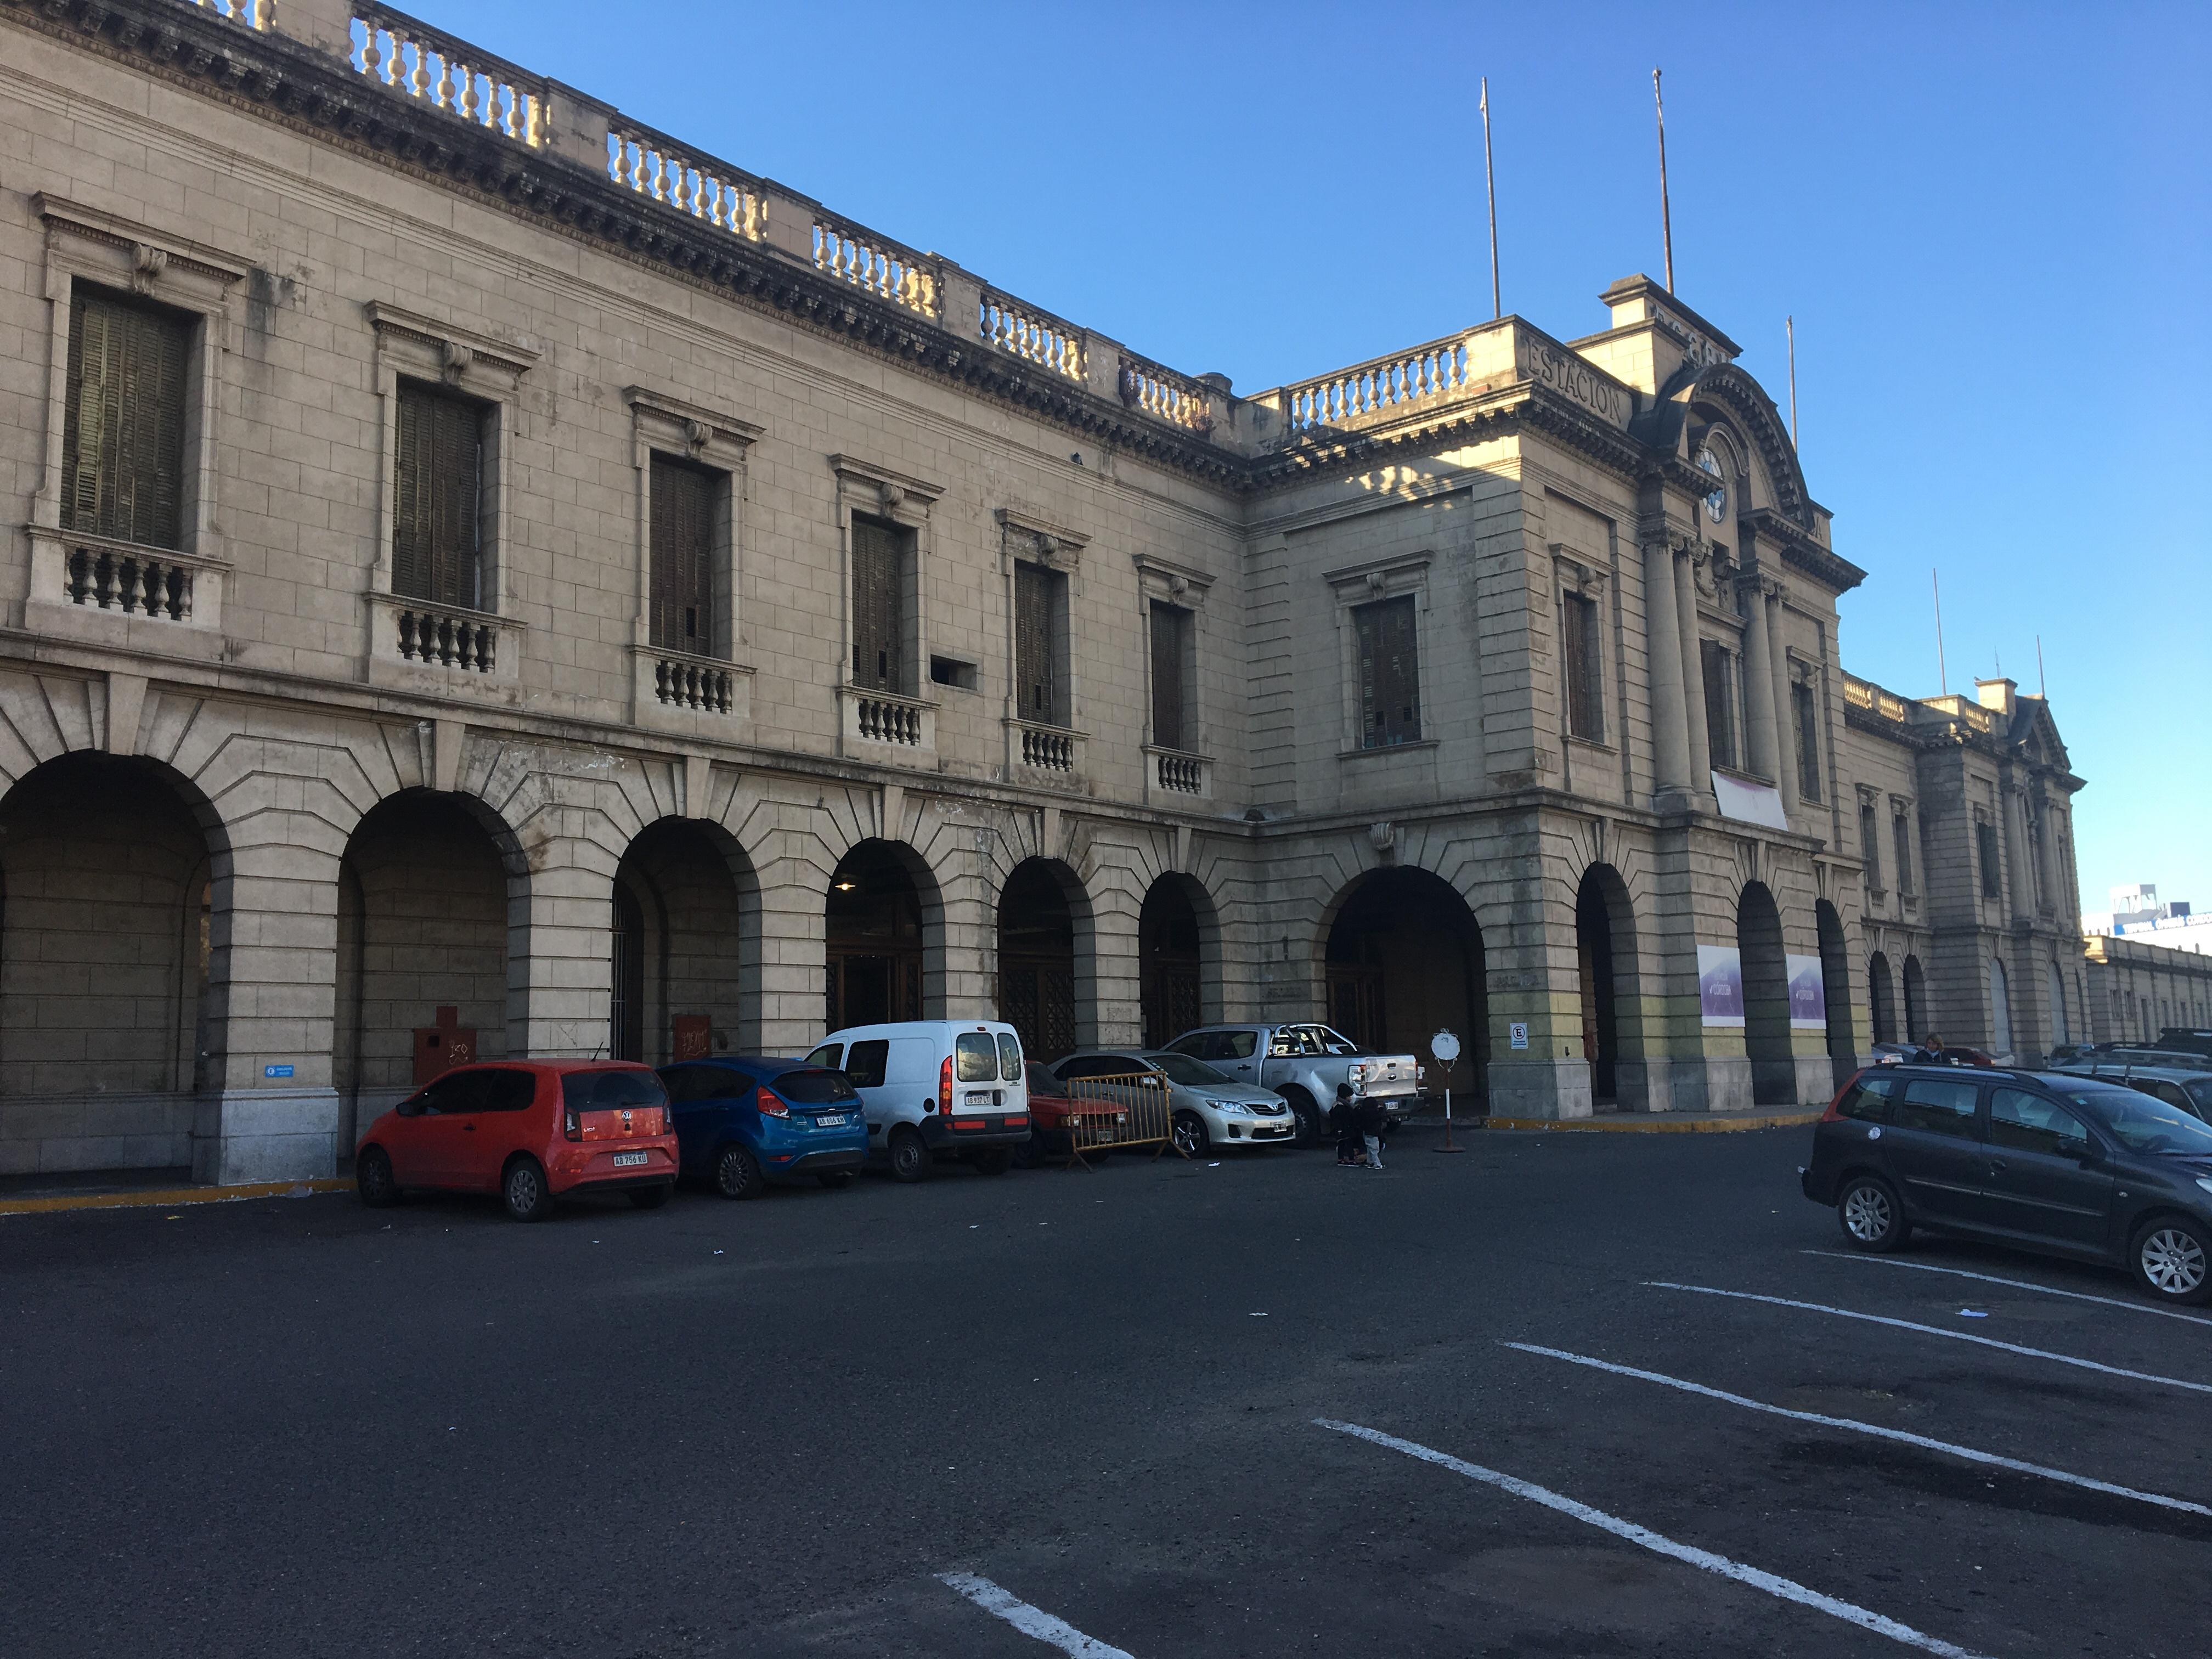 Estación Cordoba in Cordoba, Argentina.